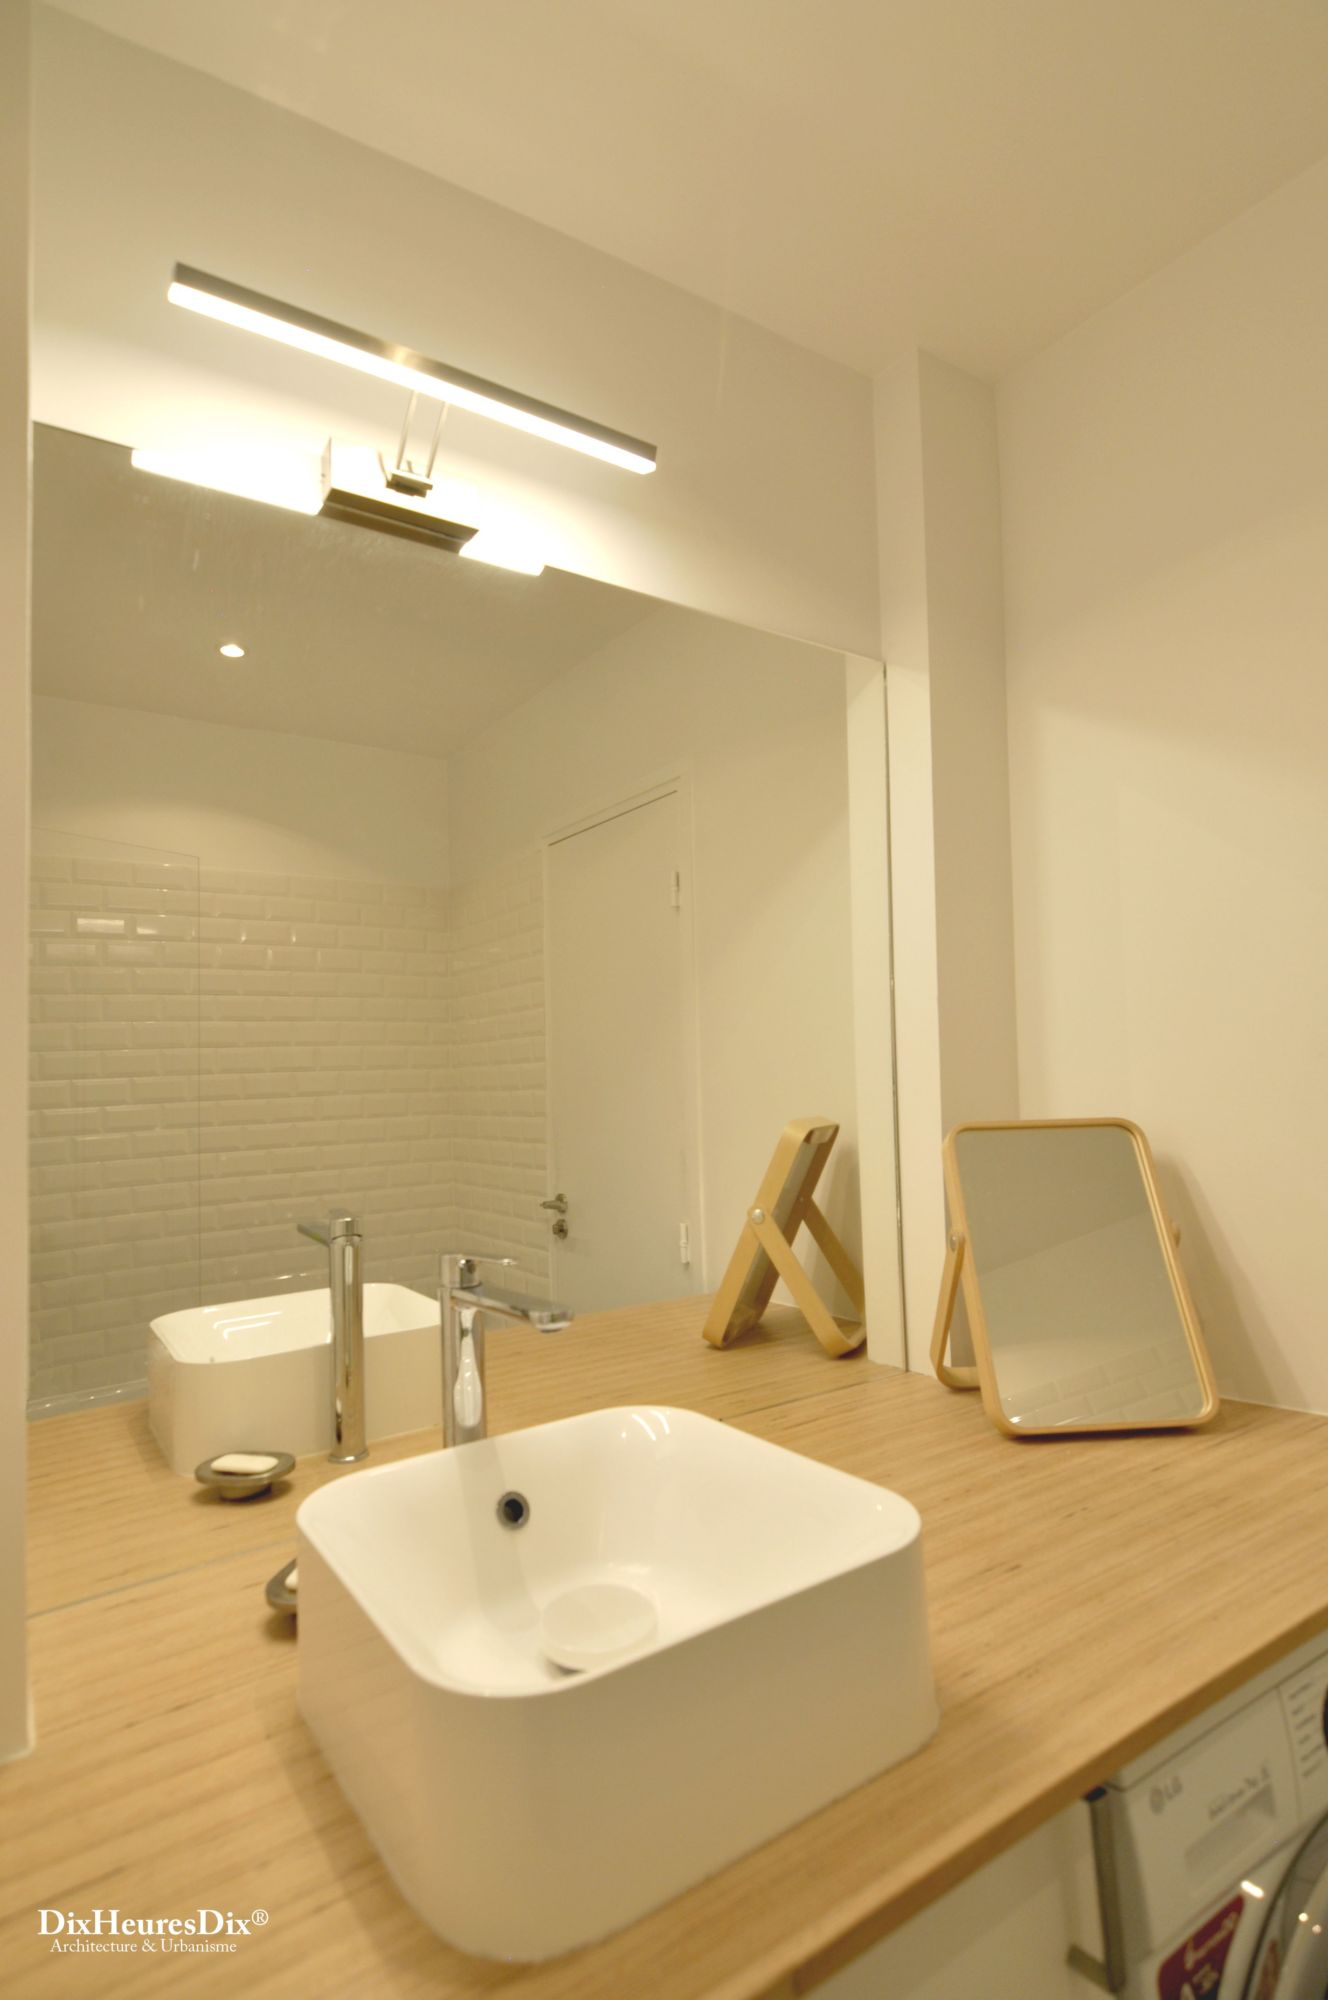 Vu sur l'espace de le plan de la salle de bain avec une grande vasque et un miroir mural